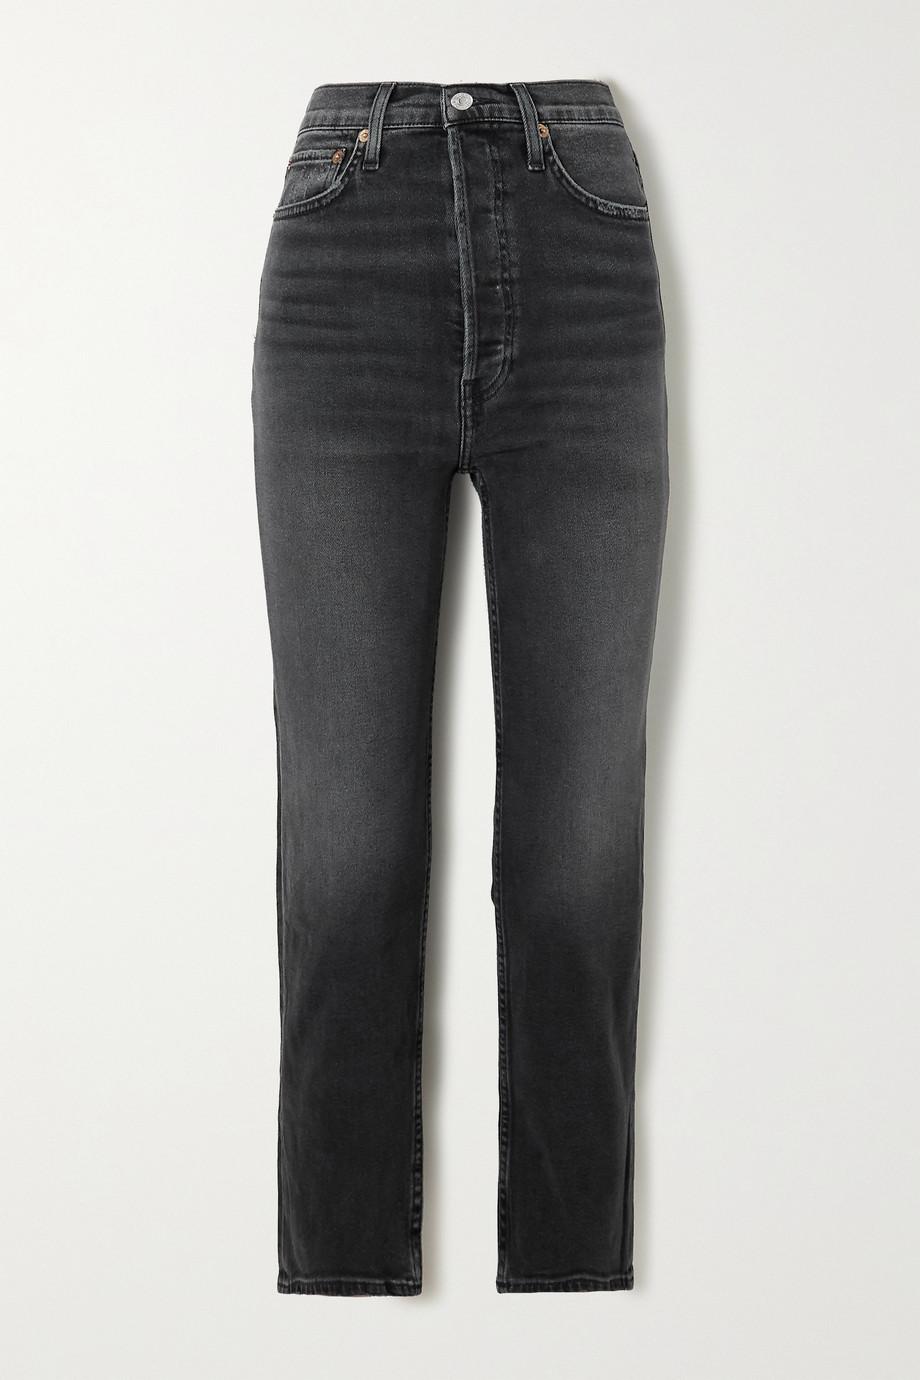 RE/DONE 70s Stove Pipe verkürzte, hoch sitzende Jeans mit geradem Bein